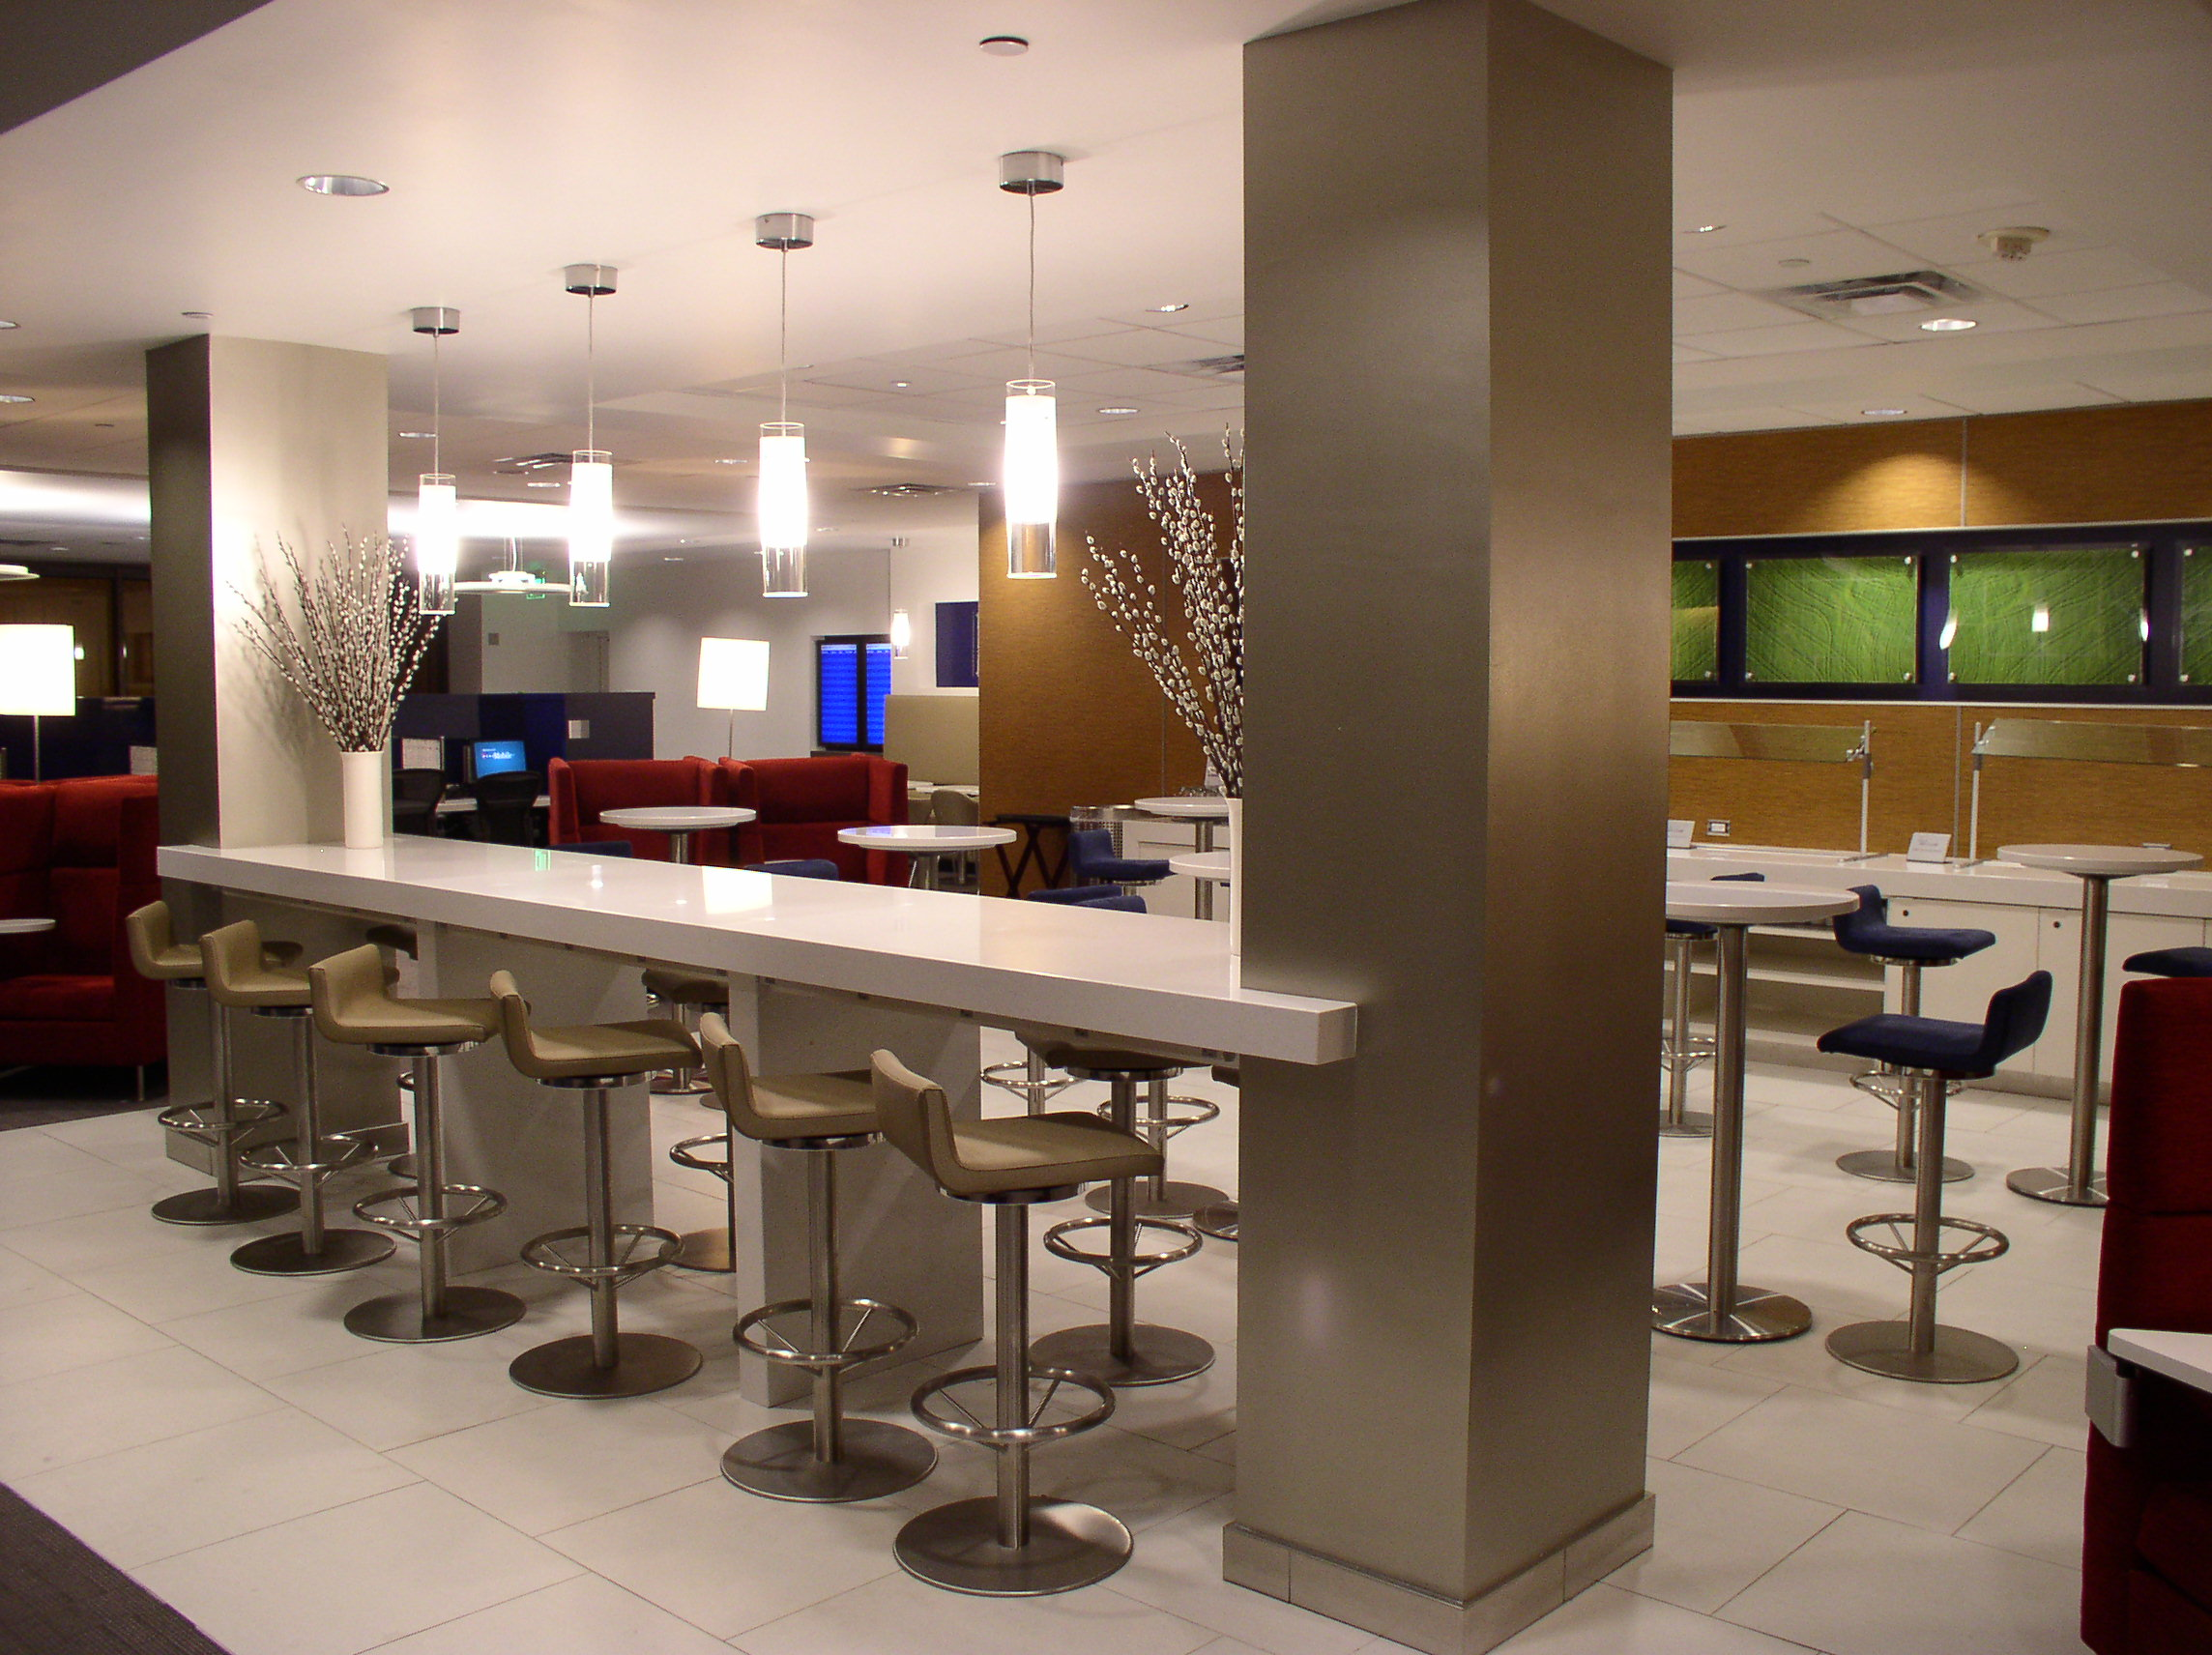 Granite Countertops for Business or Institutions in Atlanta GA, Granite Countertop